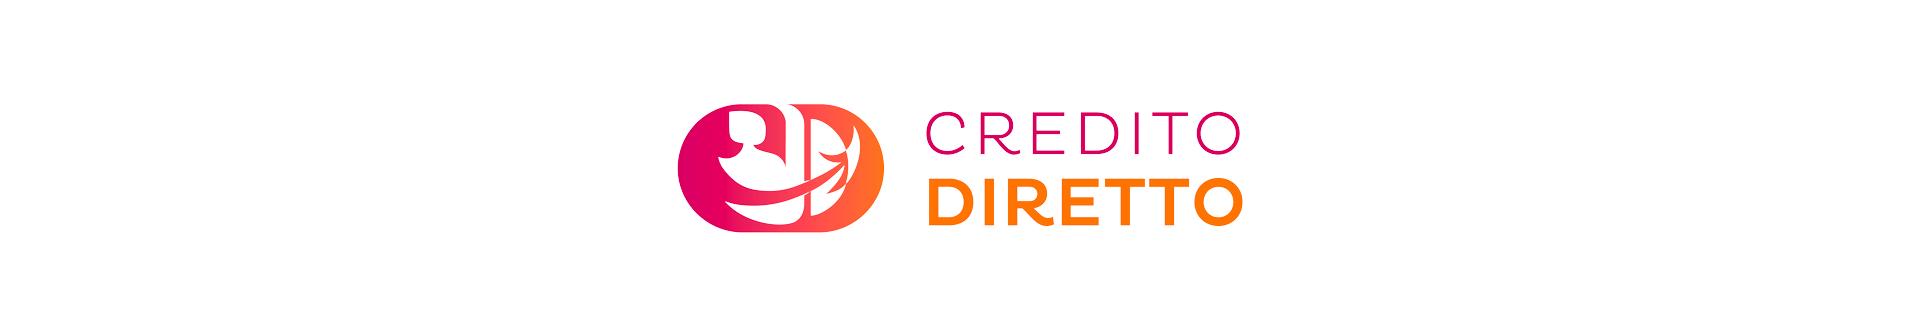 Wider View Portfolio Credito Diretto Logo